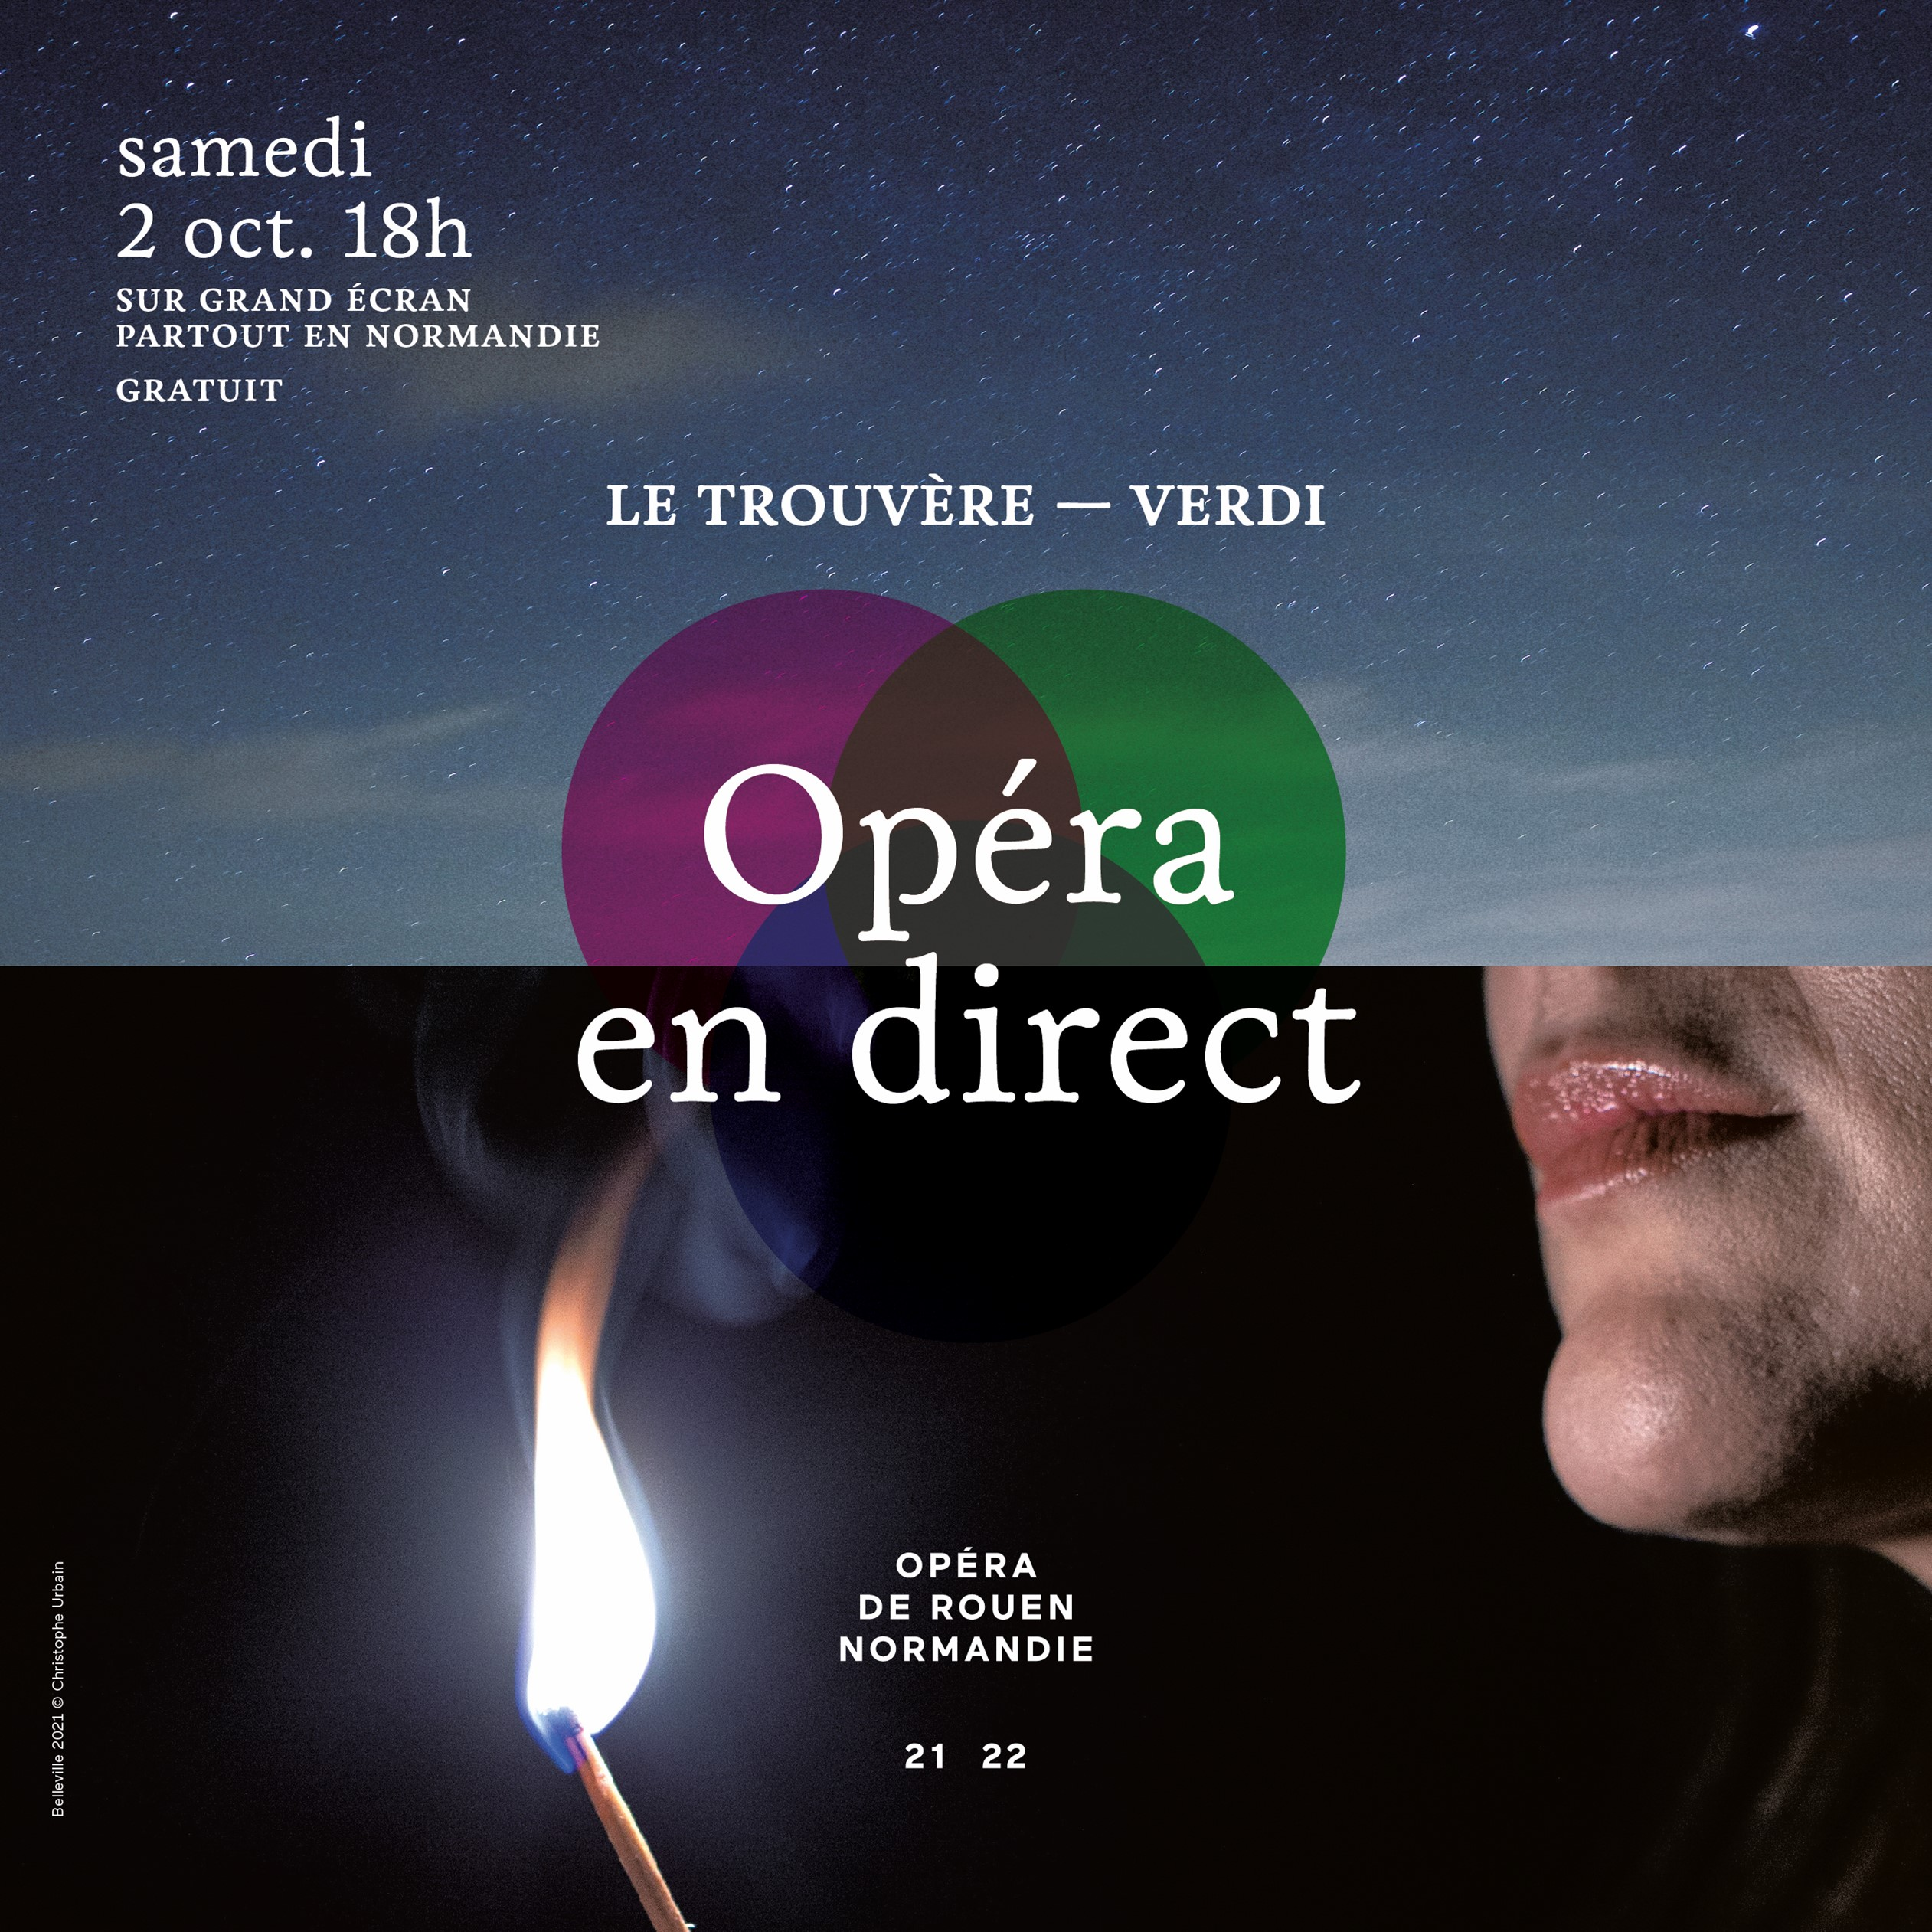 opera-en-direct.jpg